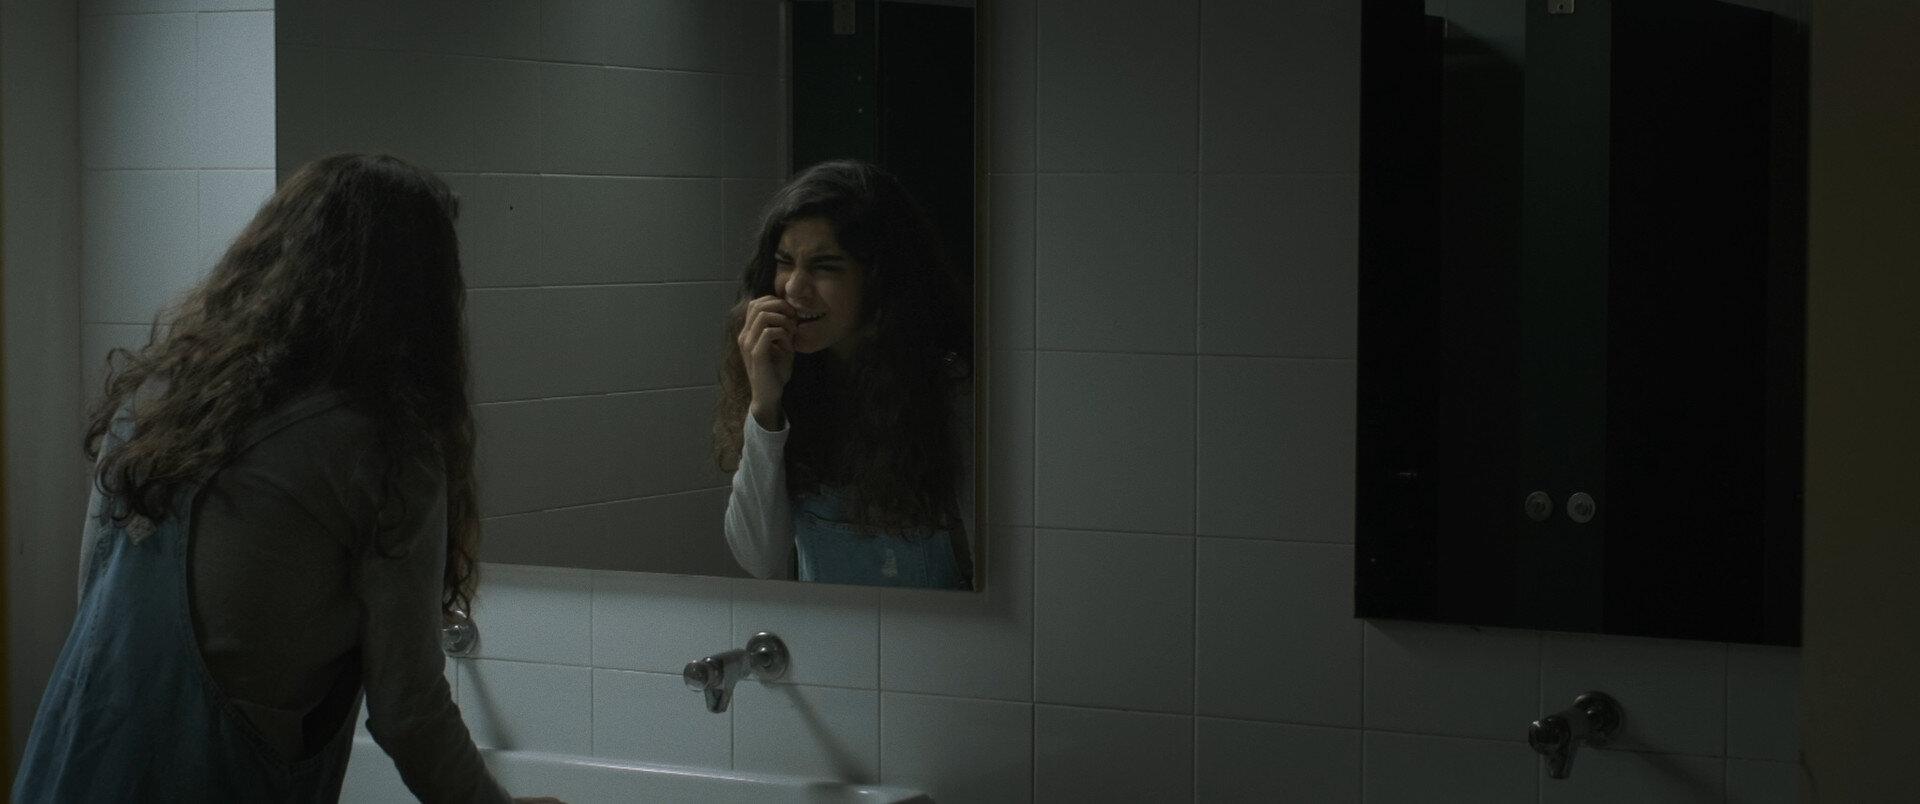 Cena do curta Horrorscope. Nela, vemos uma mulher branca se olhando no espelho e cutucando o dente.